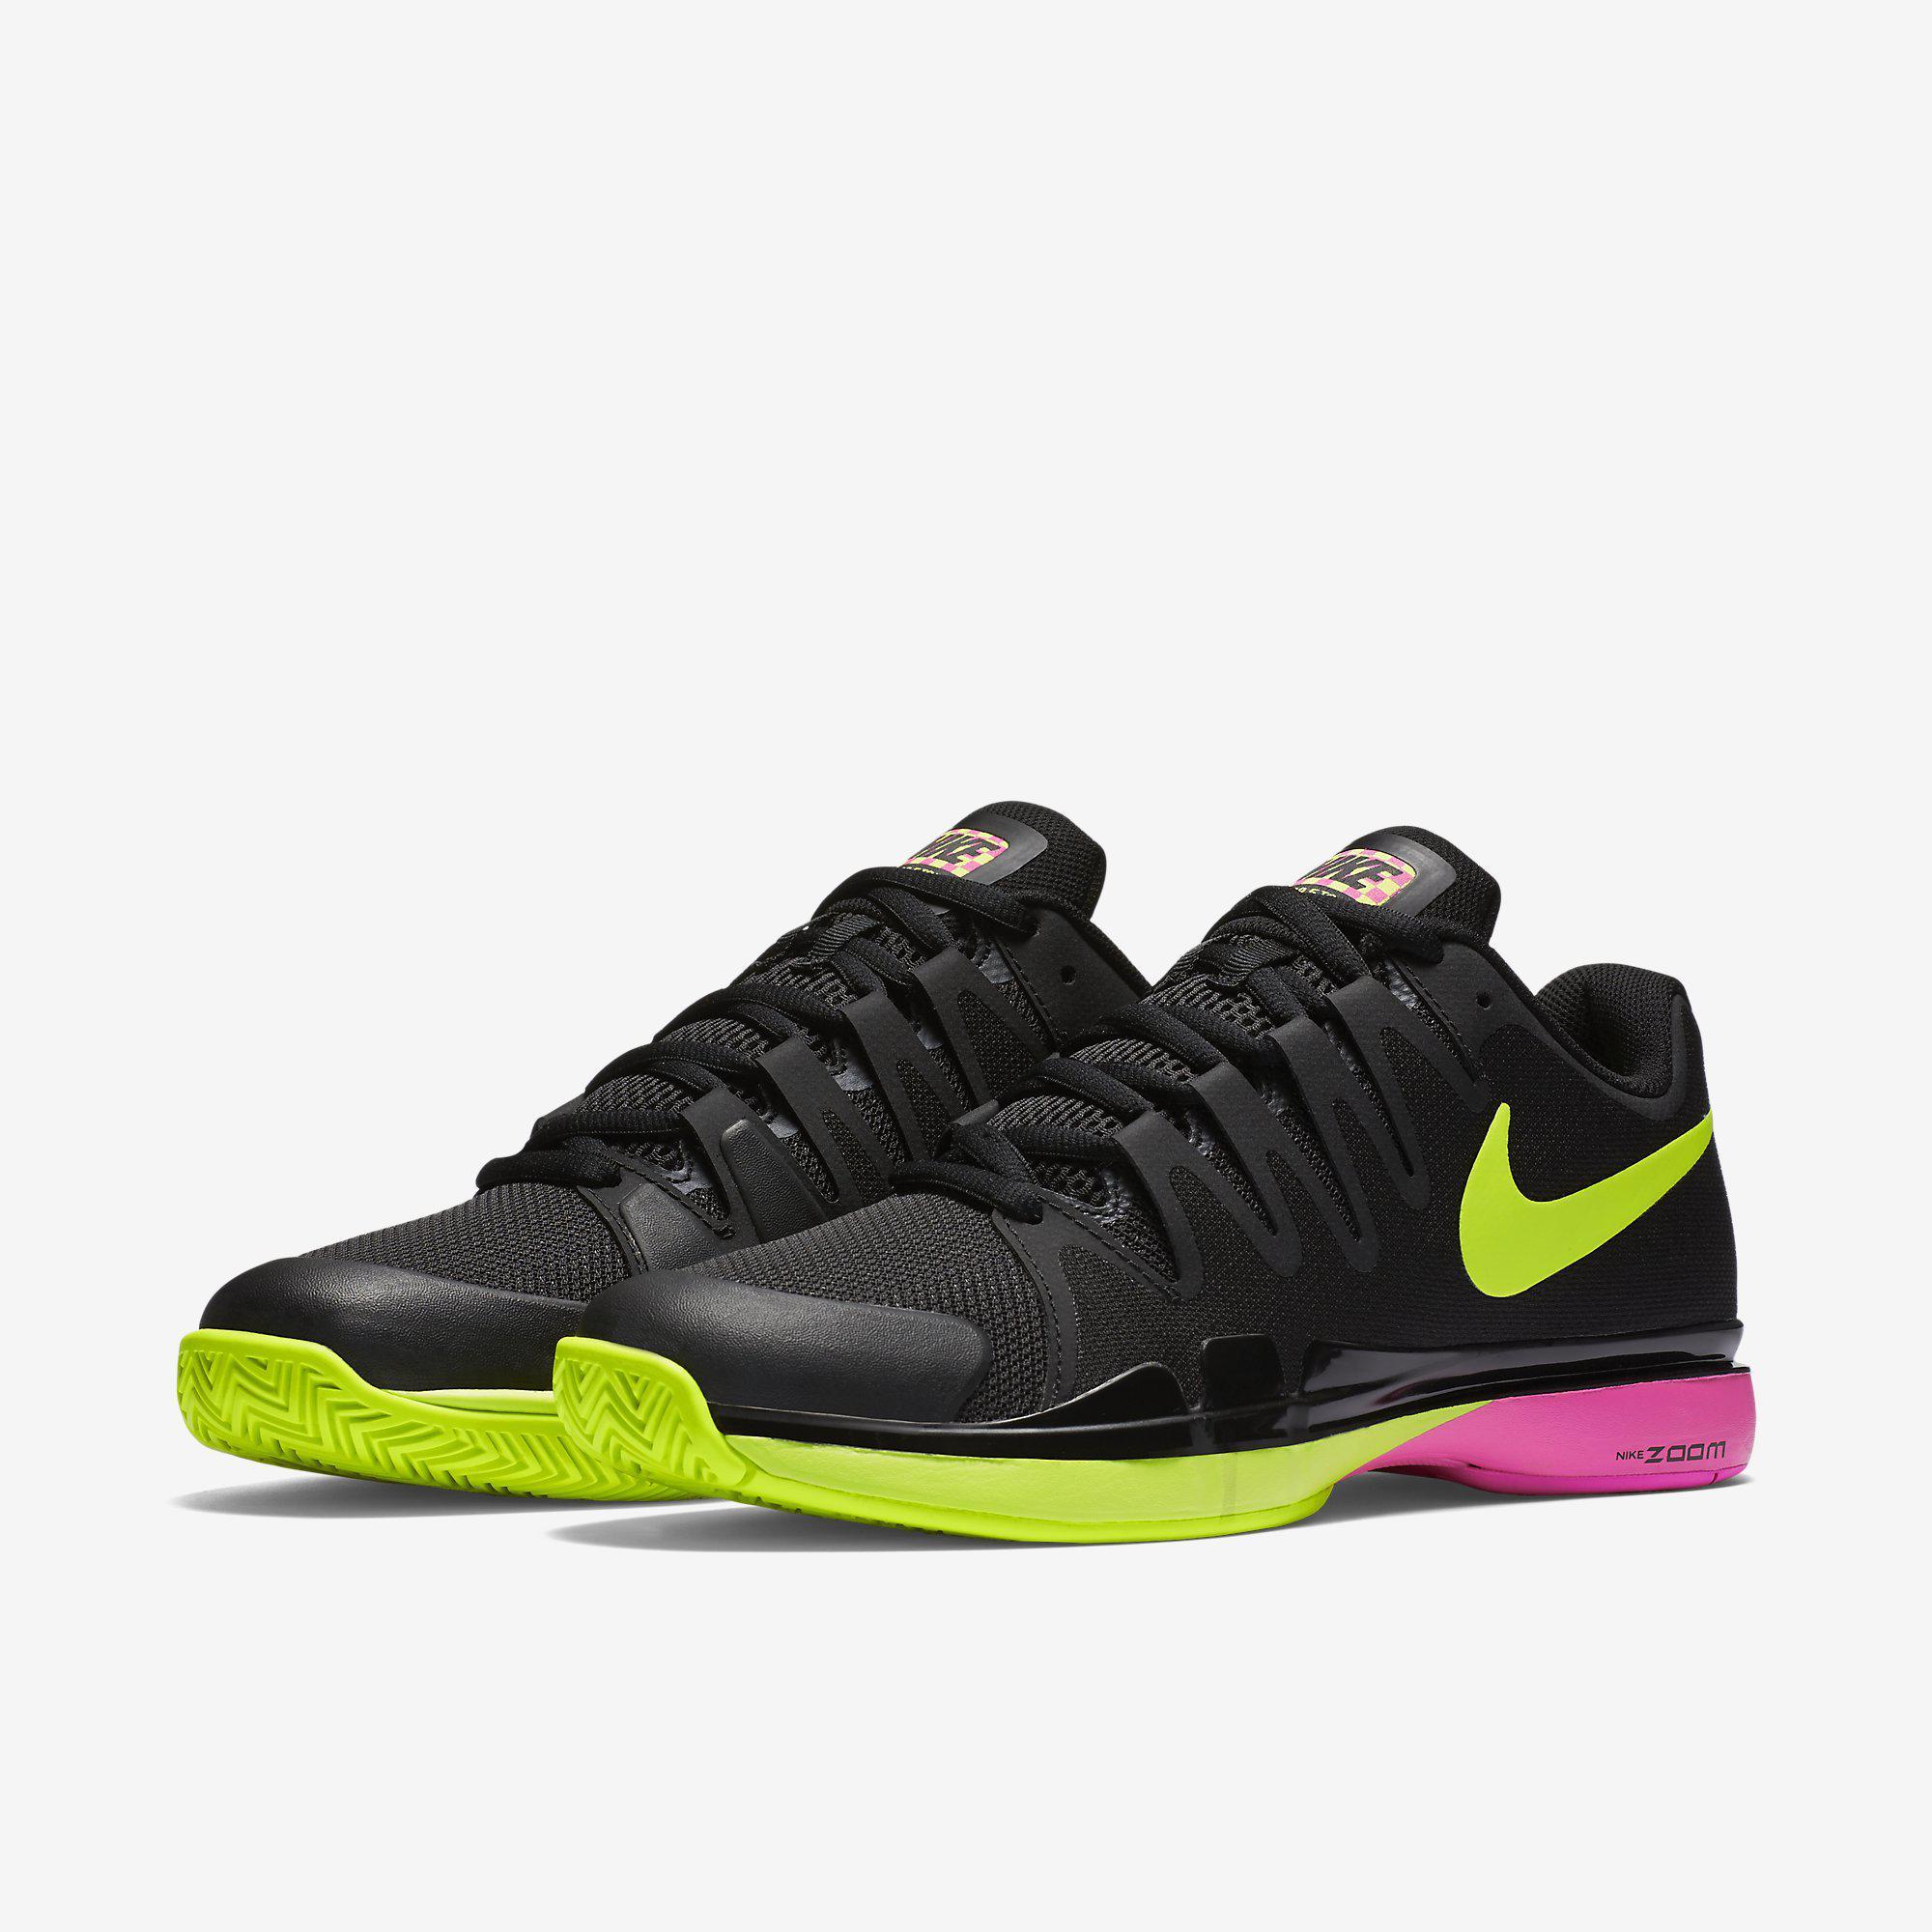 best service 87f71 e5953 Nike Mens Zoom Vapor 9.5 Tour Tennis Shoes - Black Volt Pink